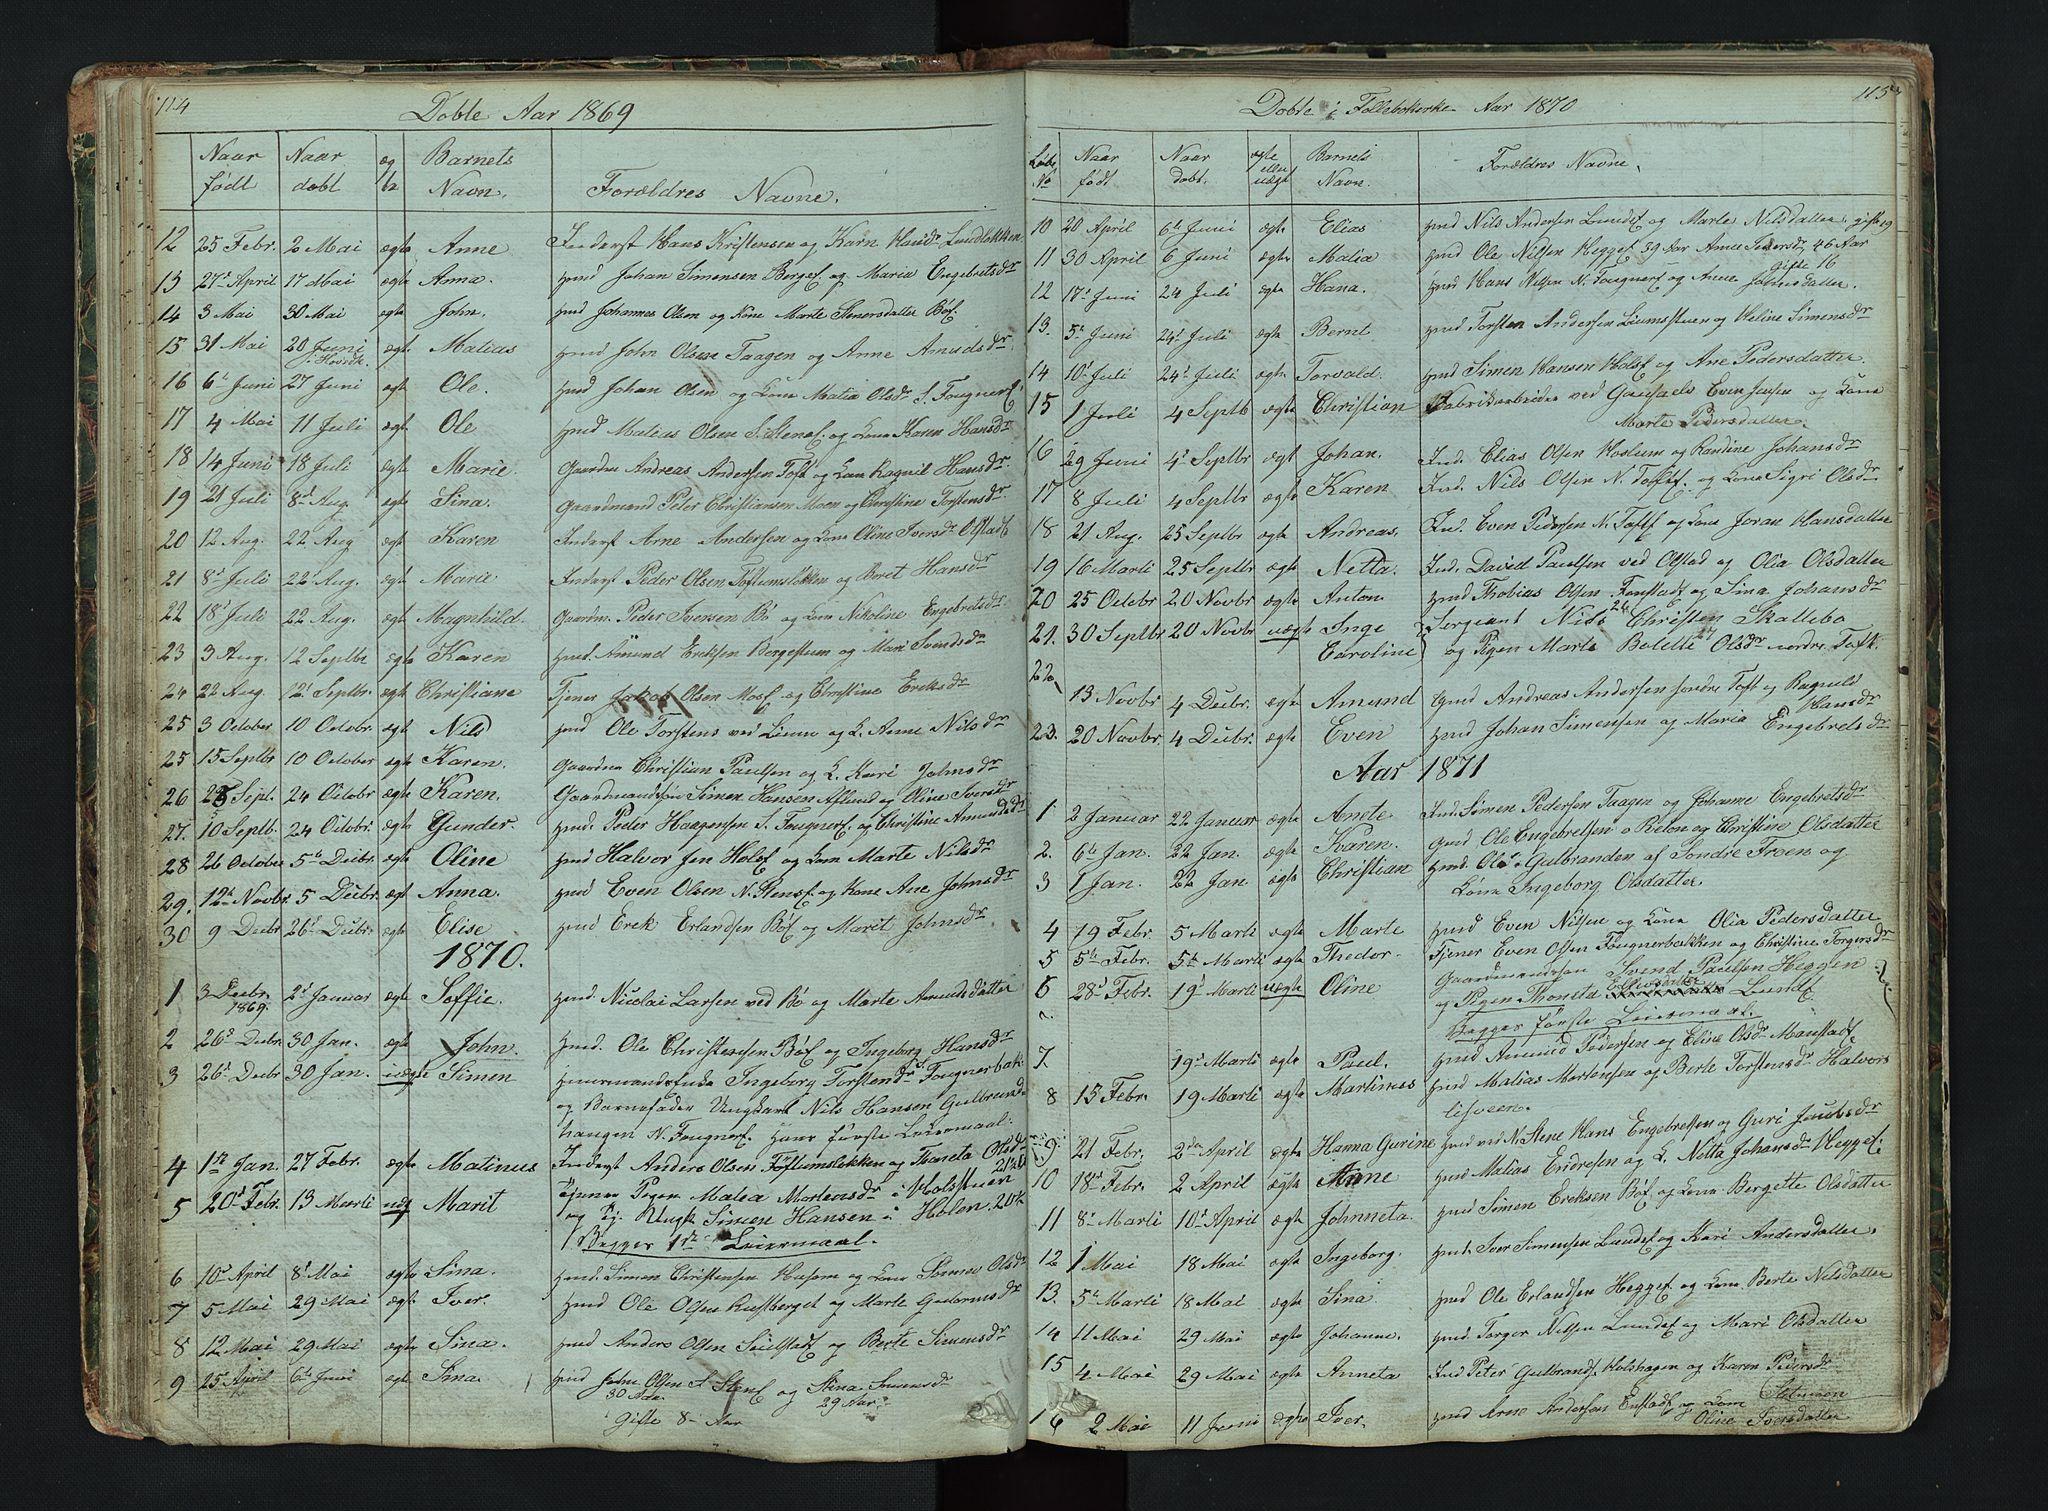 SAH, Gausdal prestekontor, Klokkerbok nr. 6, 1846-1893, s. 114-115